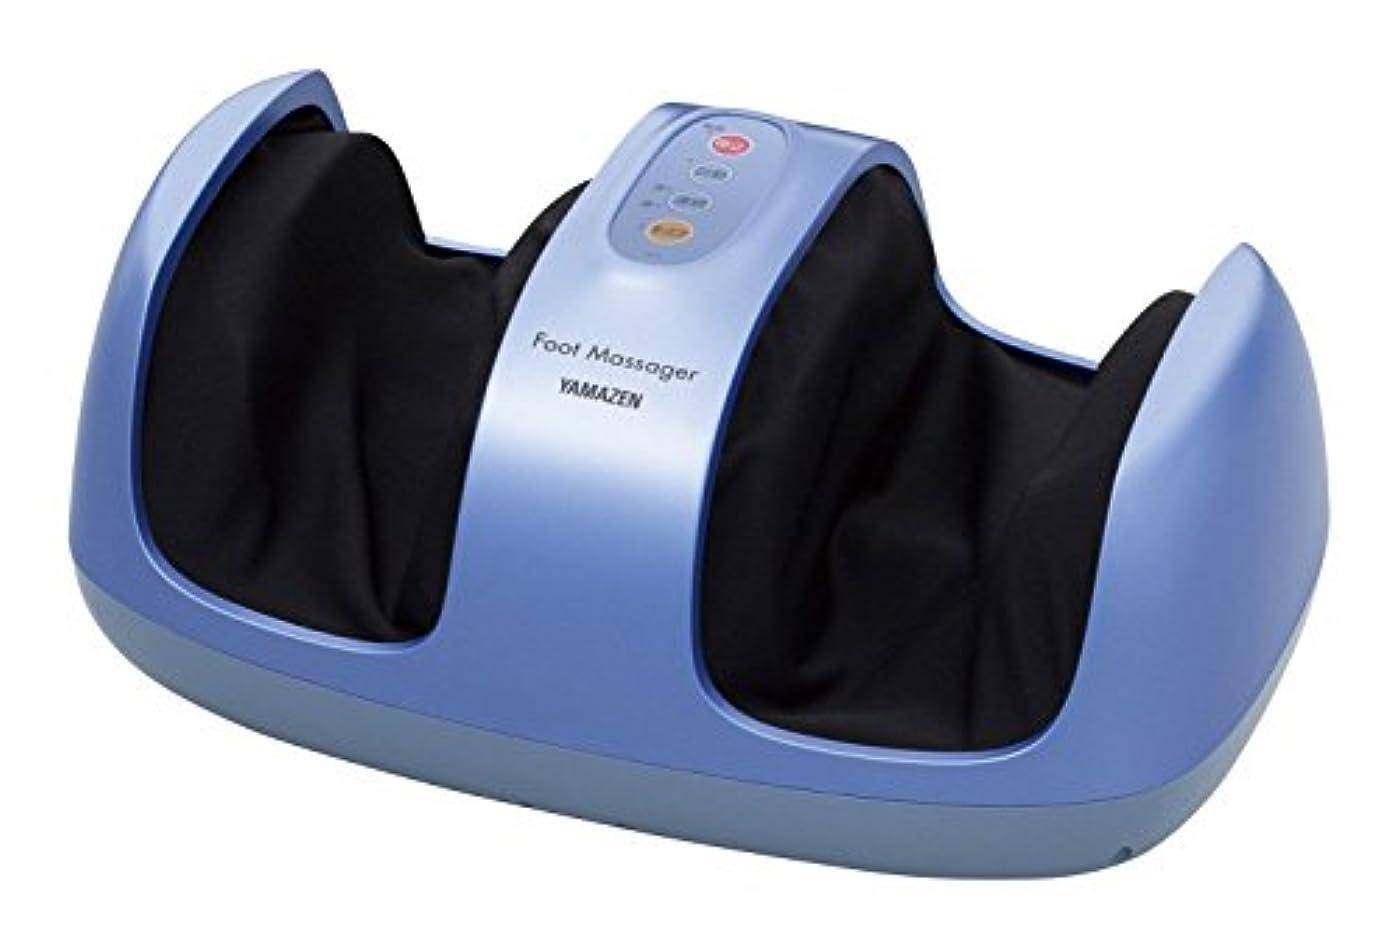 排他的想定する安価な山善 フットマッサージャー (もみ/たたき) あったかヒーター付 ブルー TIF-43(A)